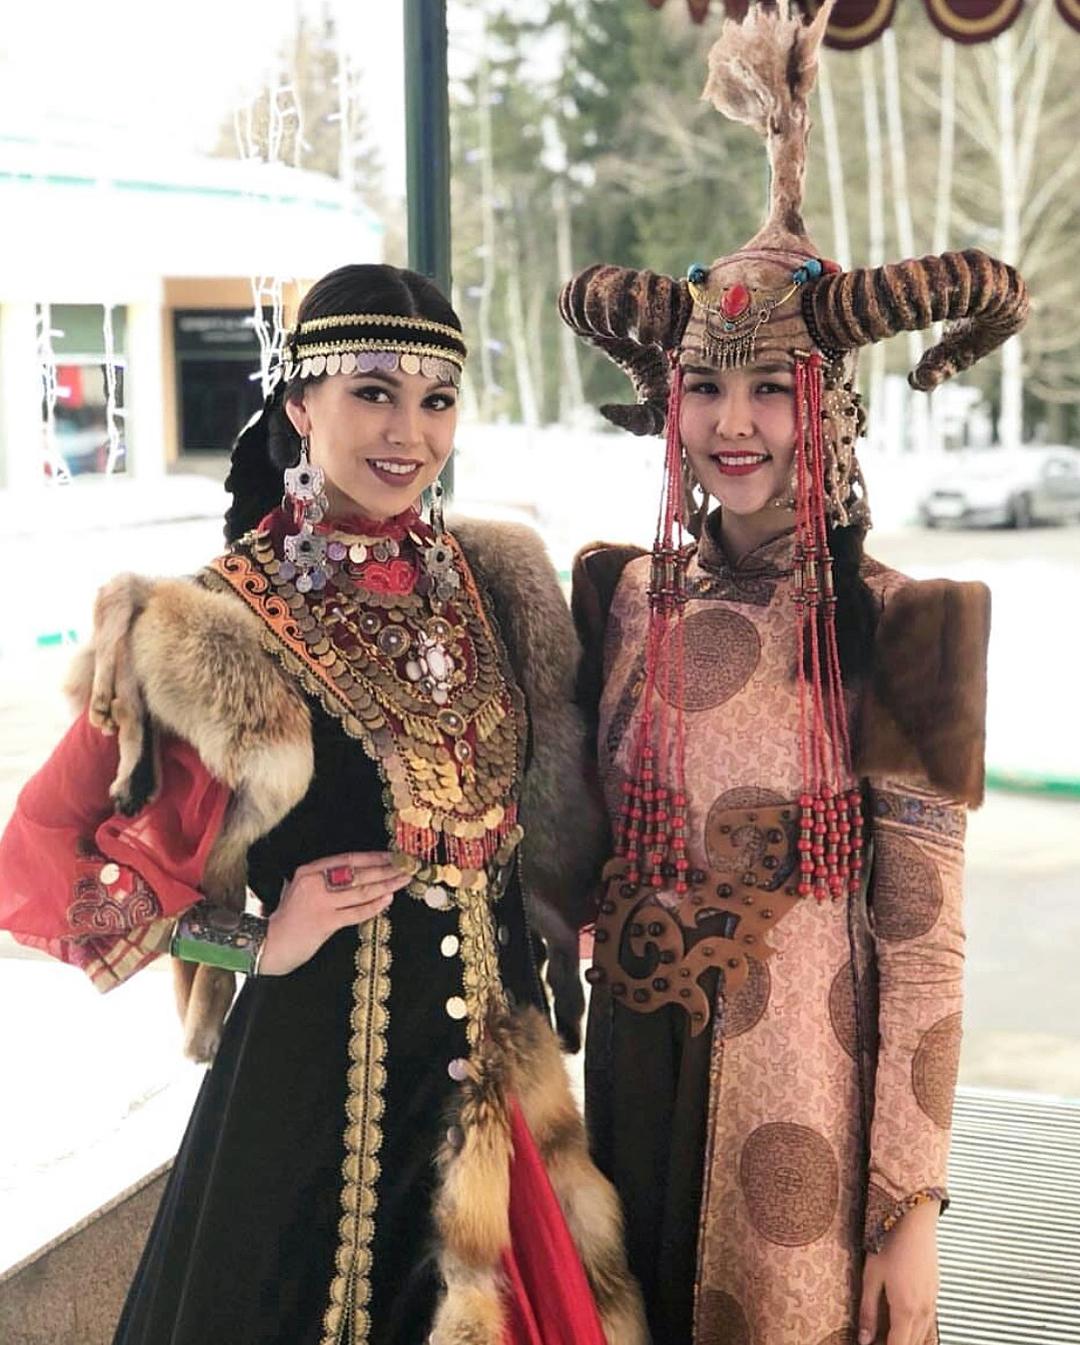 29400732_352738445214123_6468408137199124480_n Участница конкурса красоты «Мисс Россия» из Якутии представила национальный костюм